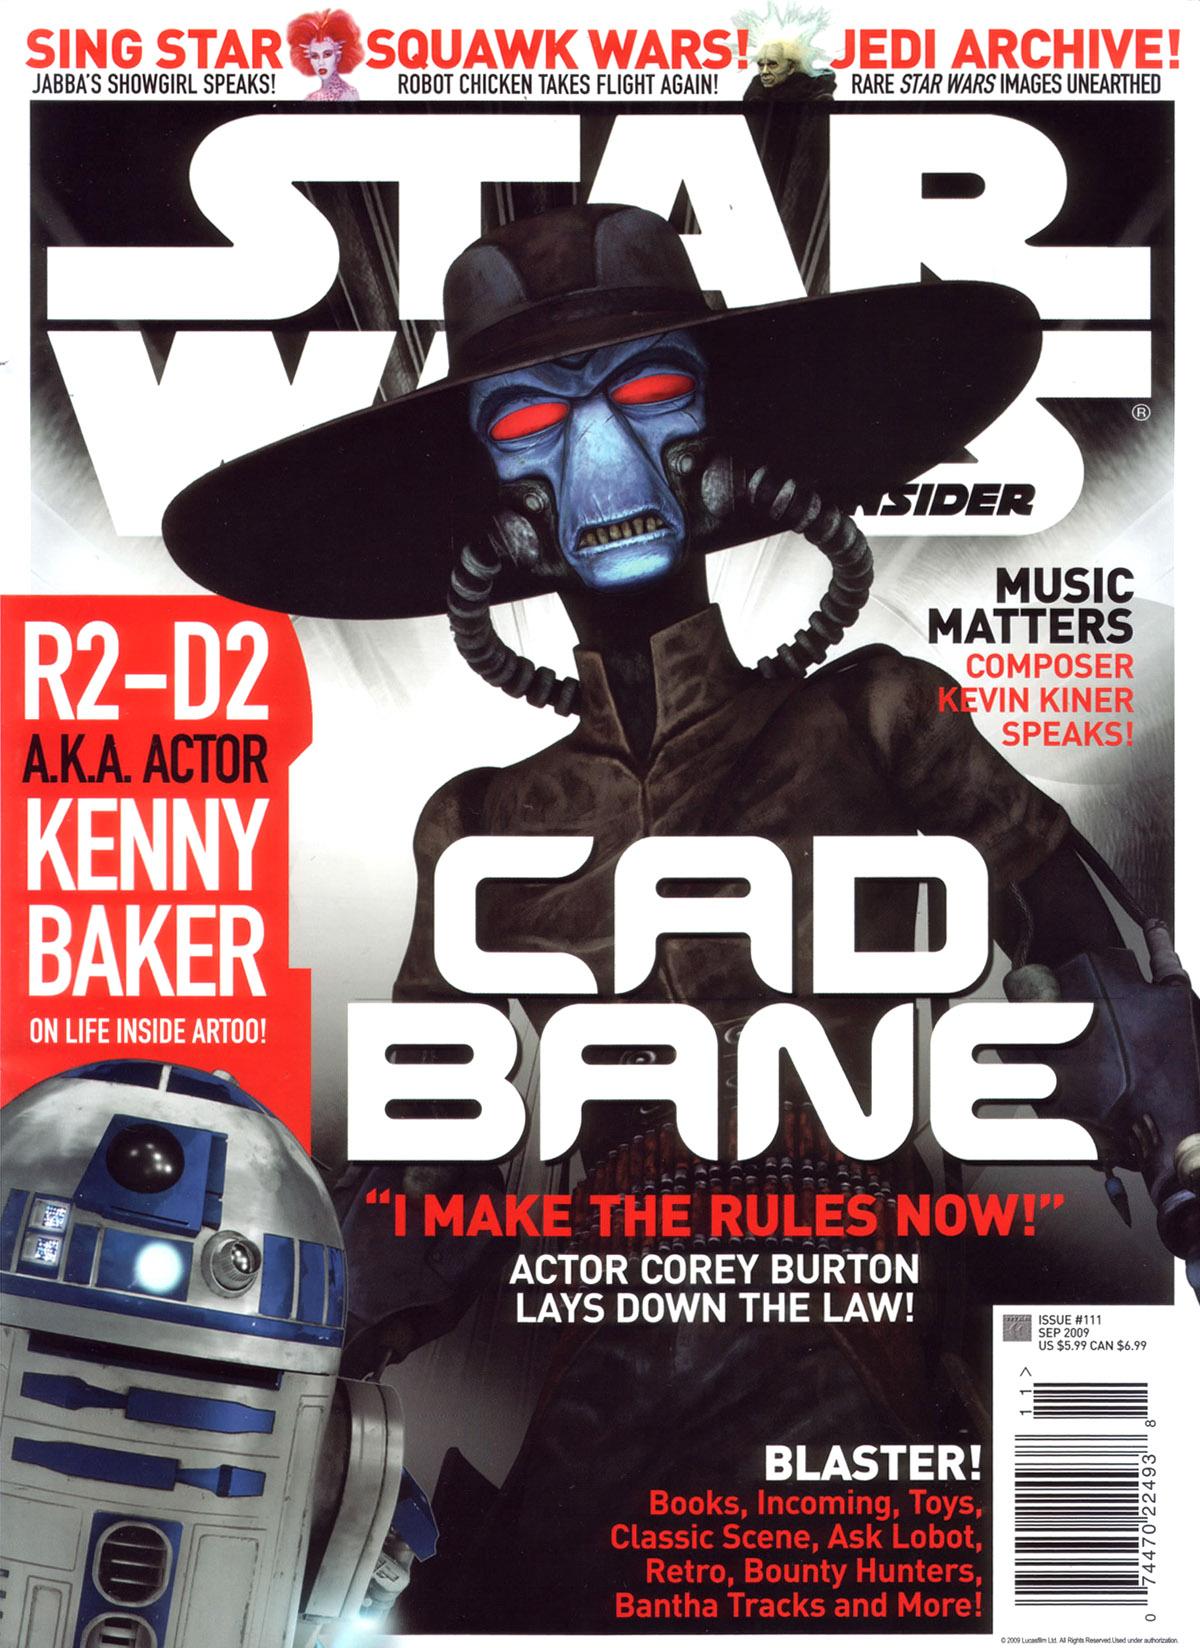 Star Wars Insider 111